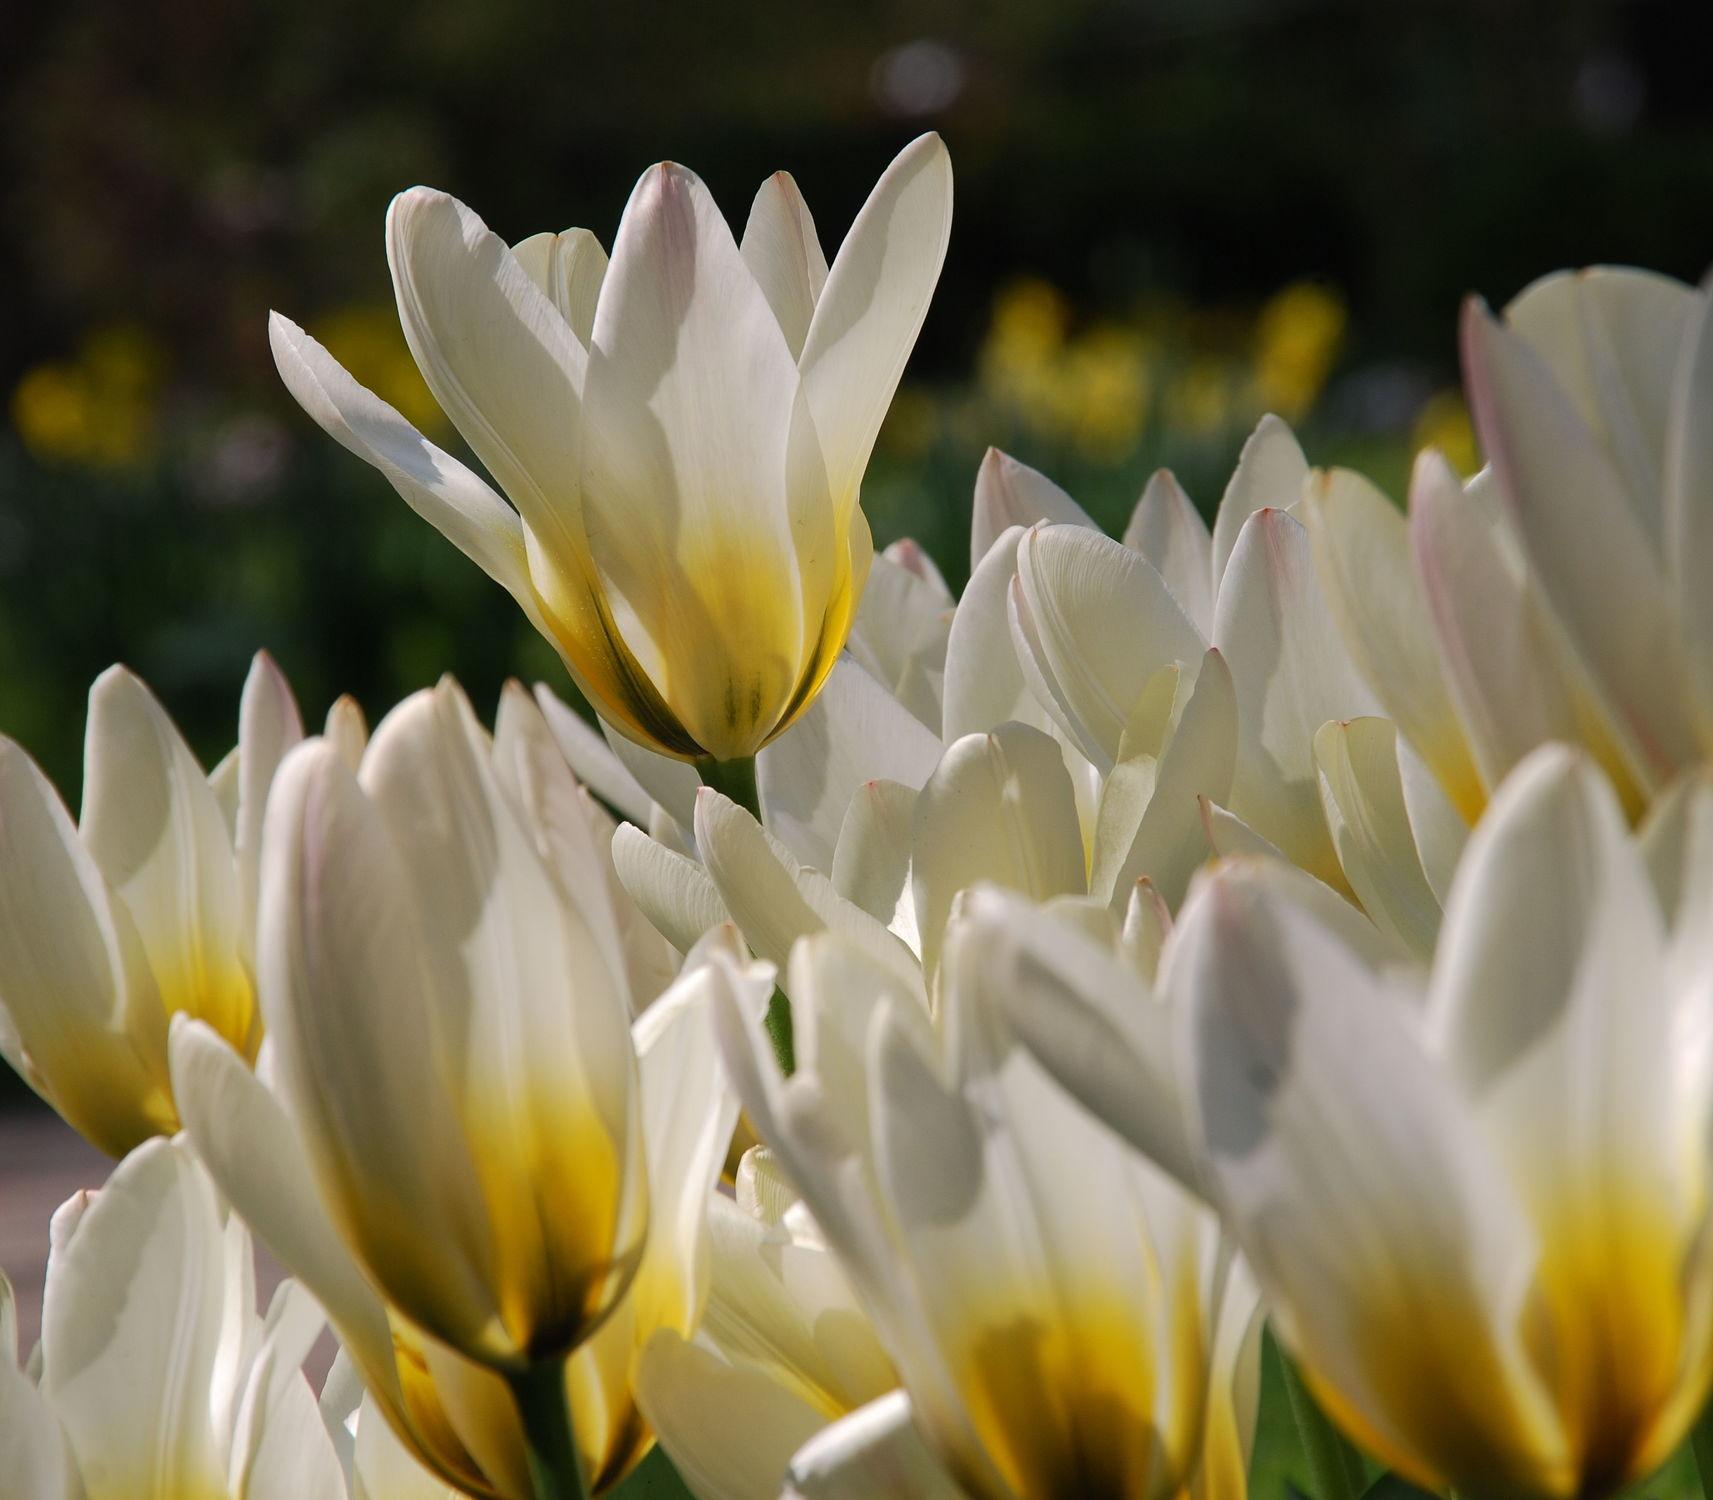 Bild mit Frühling, Tulpe, Tulips, Tulpen, weiss, Tulip, tulpenbeet, frühblüher, frühjahr, Deko, dekorativ, weisse tulpen